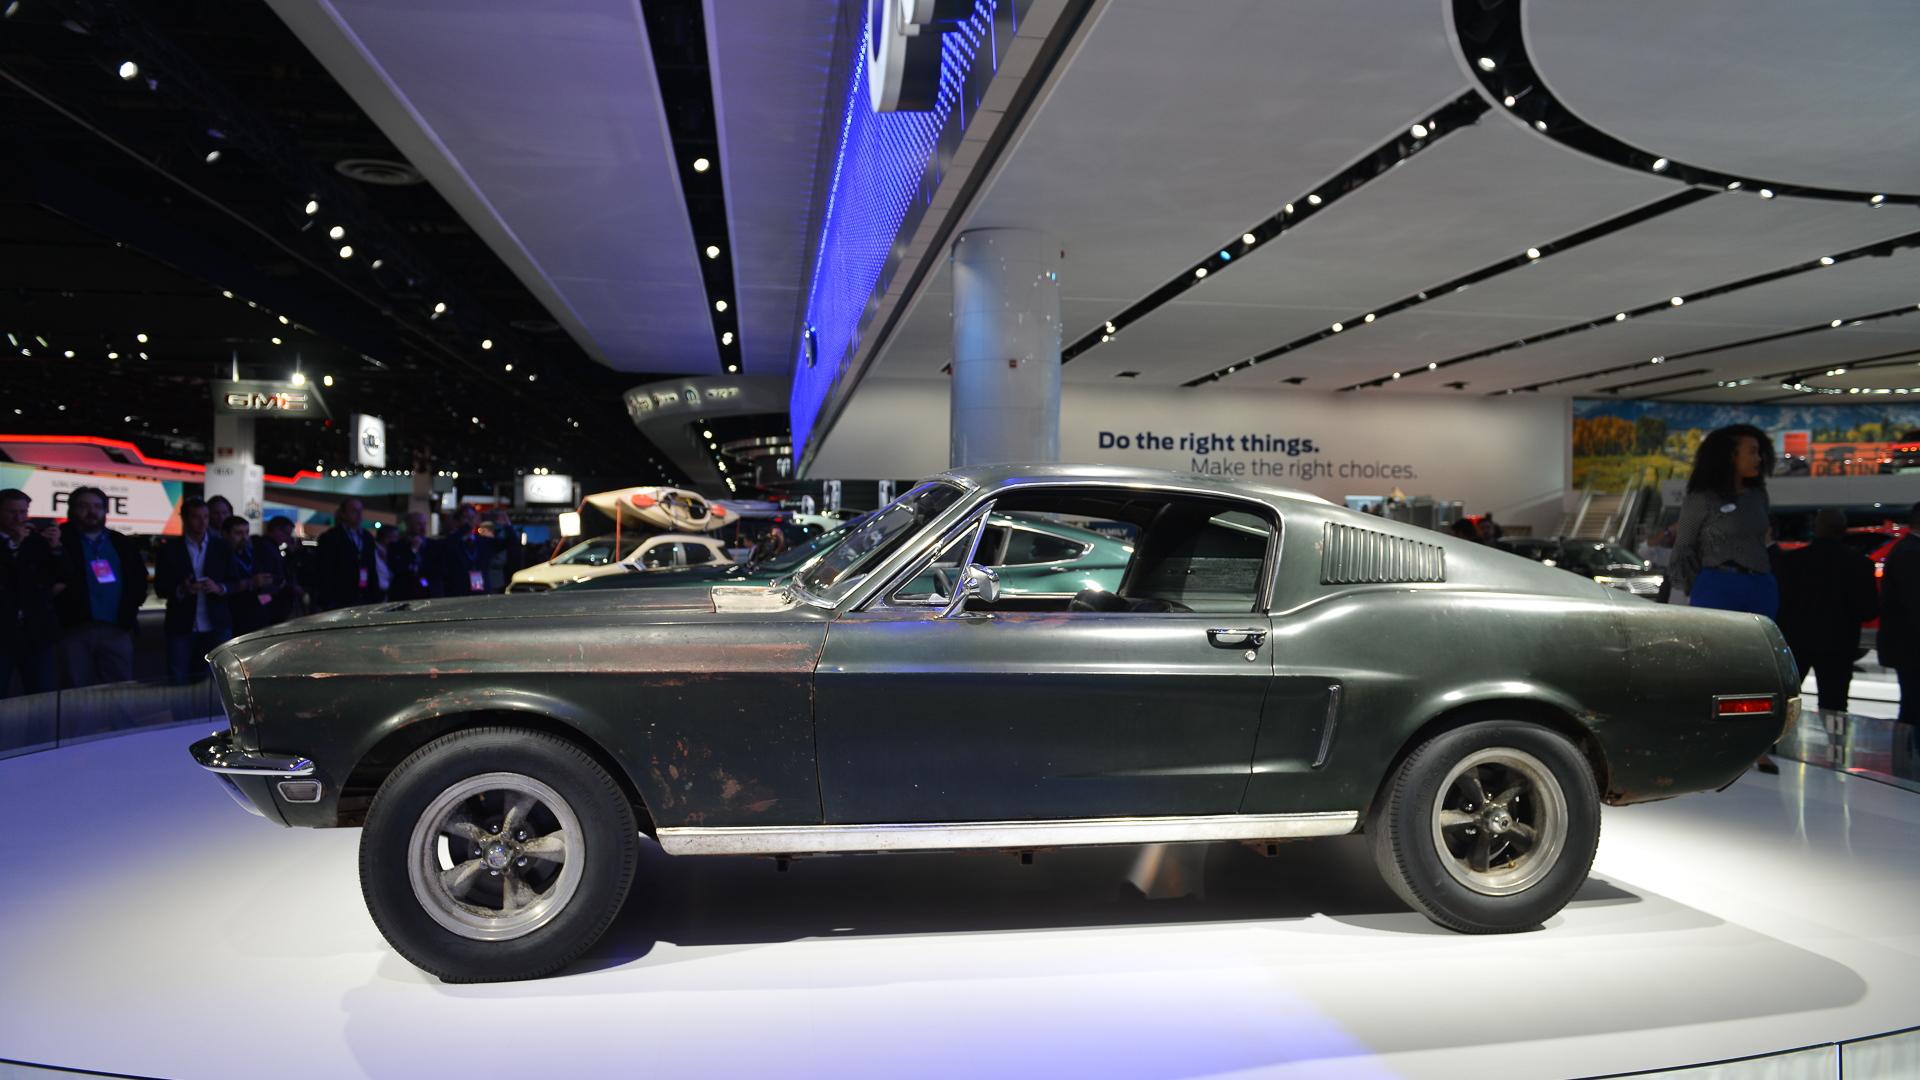 """1968 Ford Mustang from the Steve McQueen movie """"Bullitt"""""""